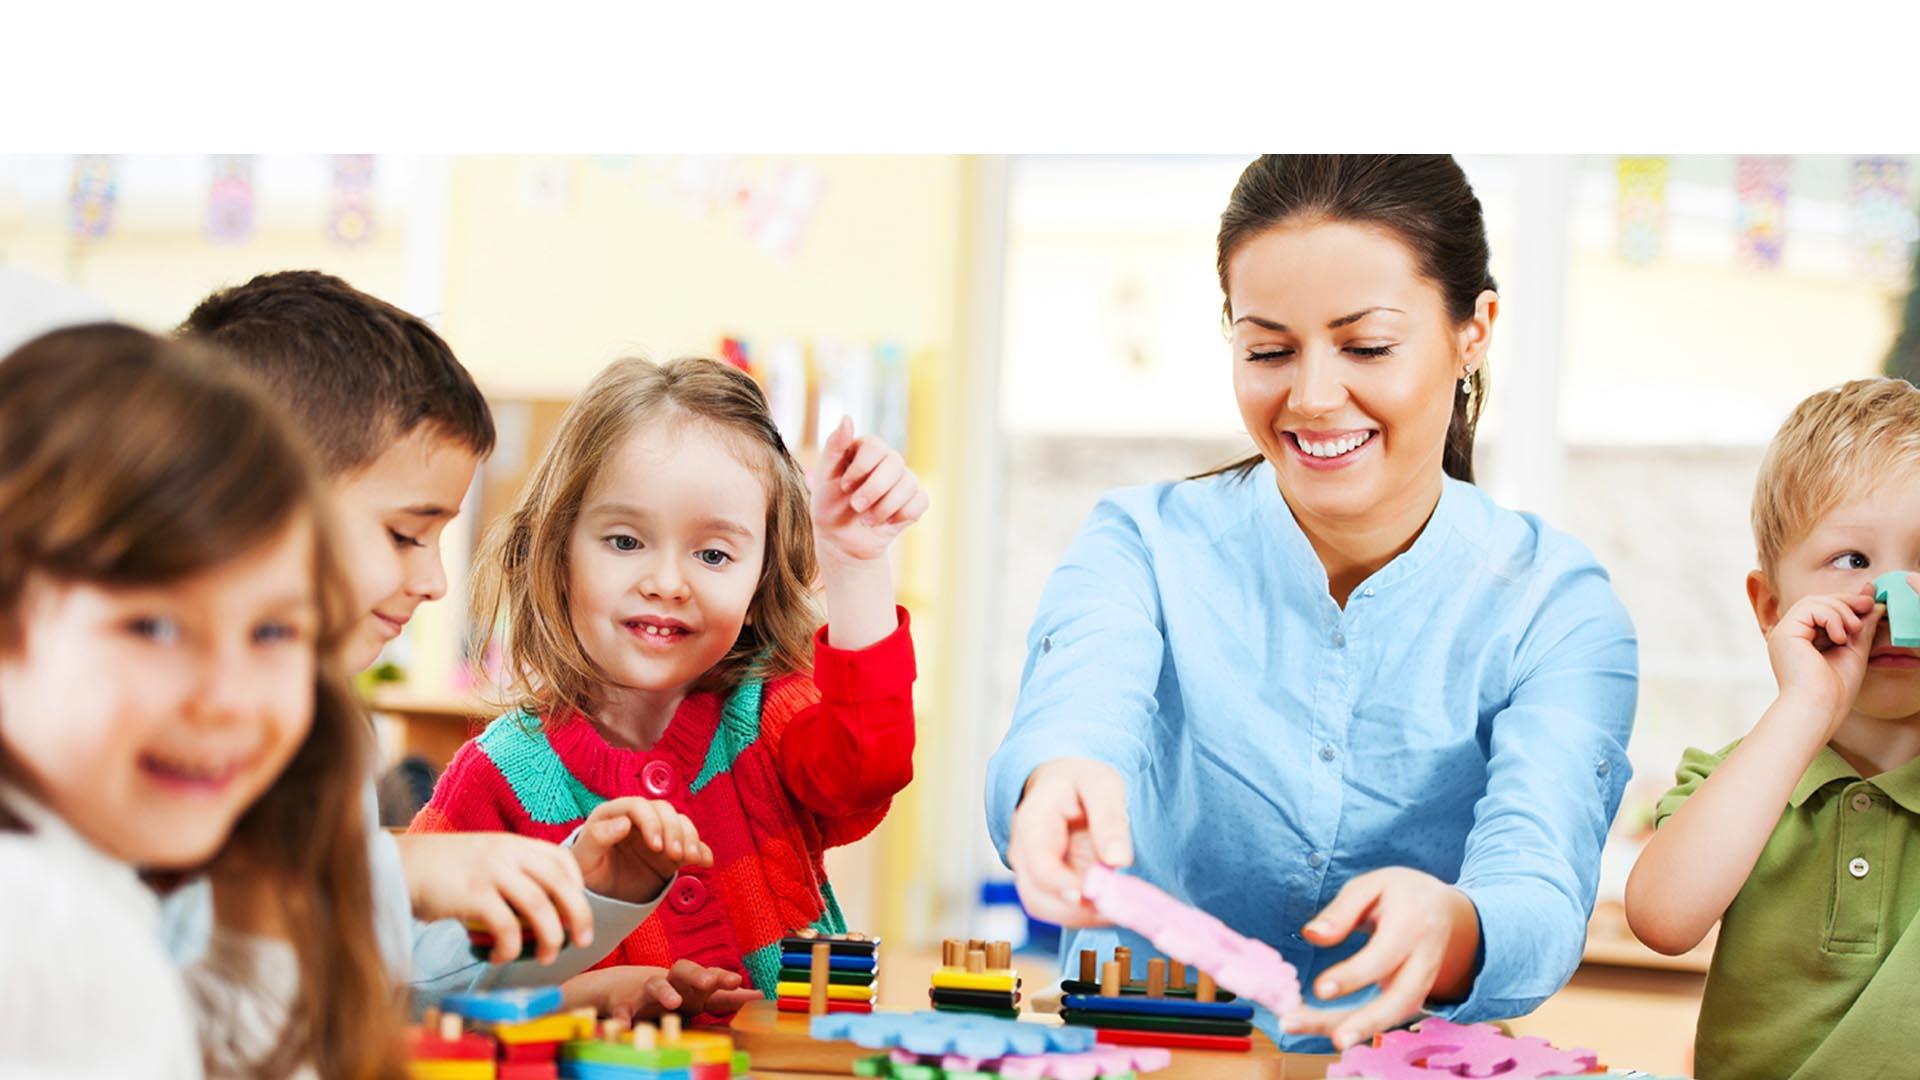 Los padres deben ayudarlos a desarrollar esta habilidad a través de palabras sencillas, cantos y juegos